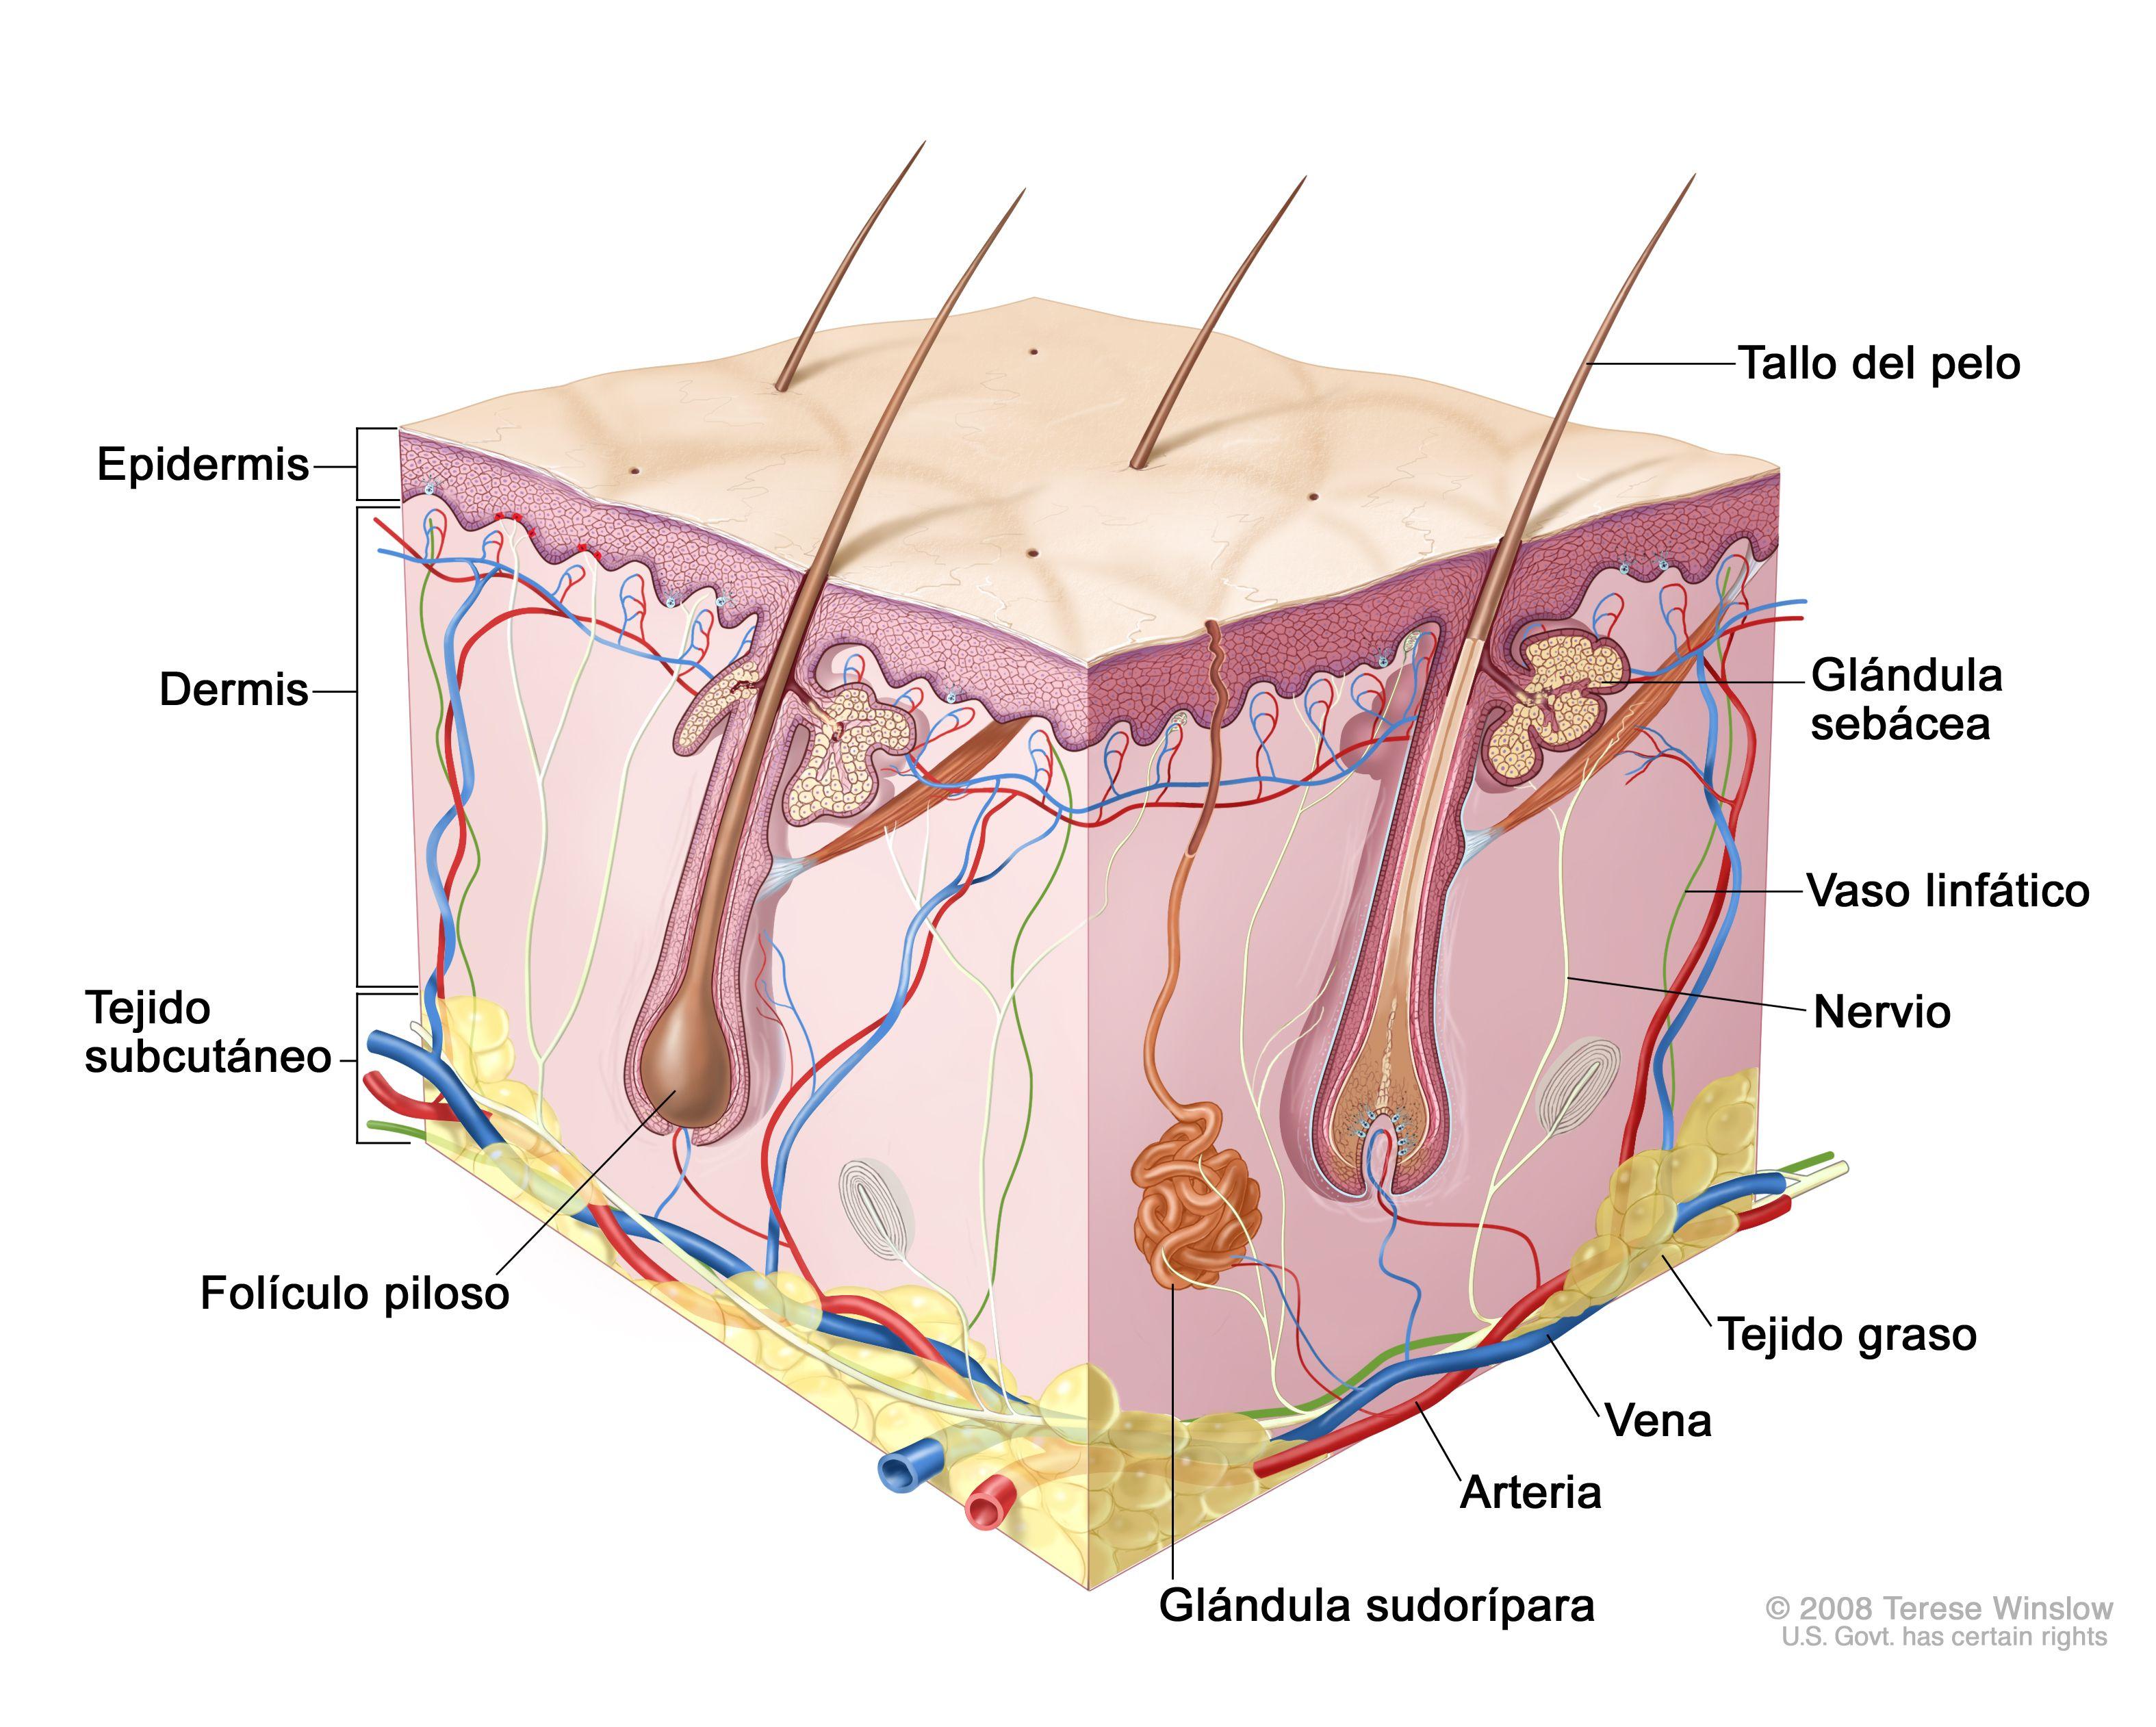 Piel-anatomía y fisiología humana #lapiel #anatomía en esta imagen ...